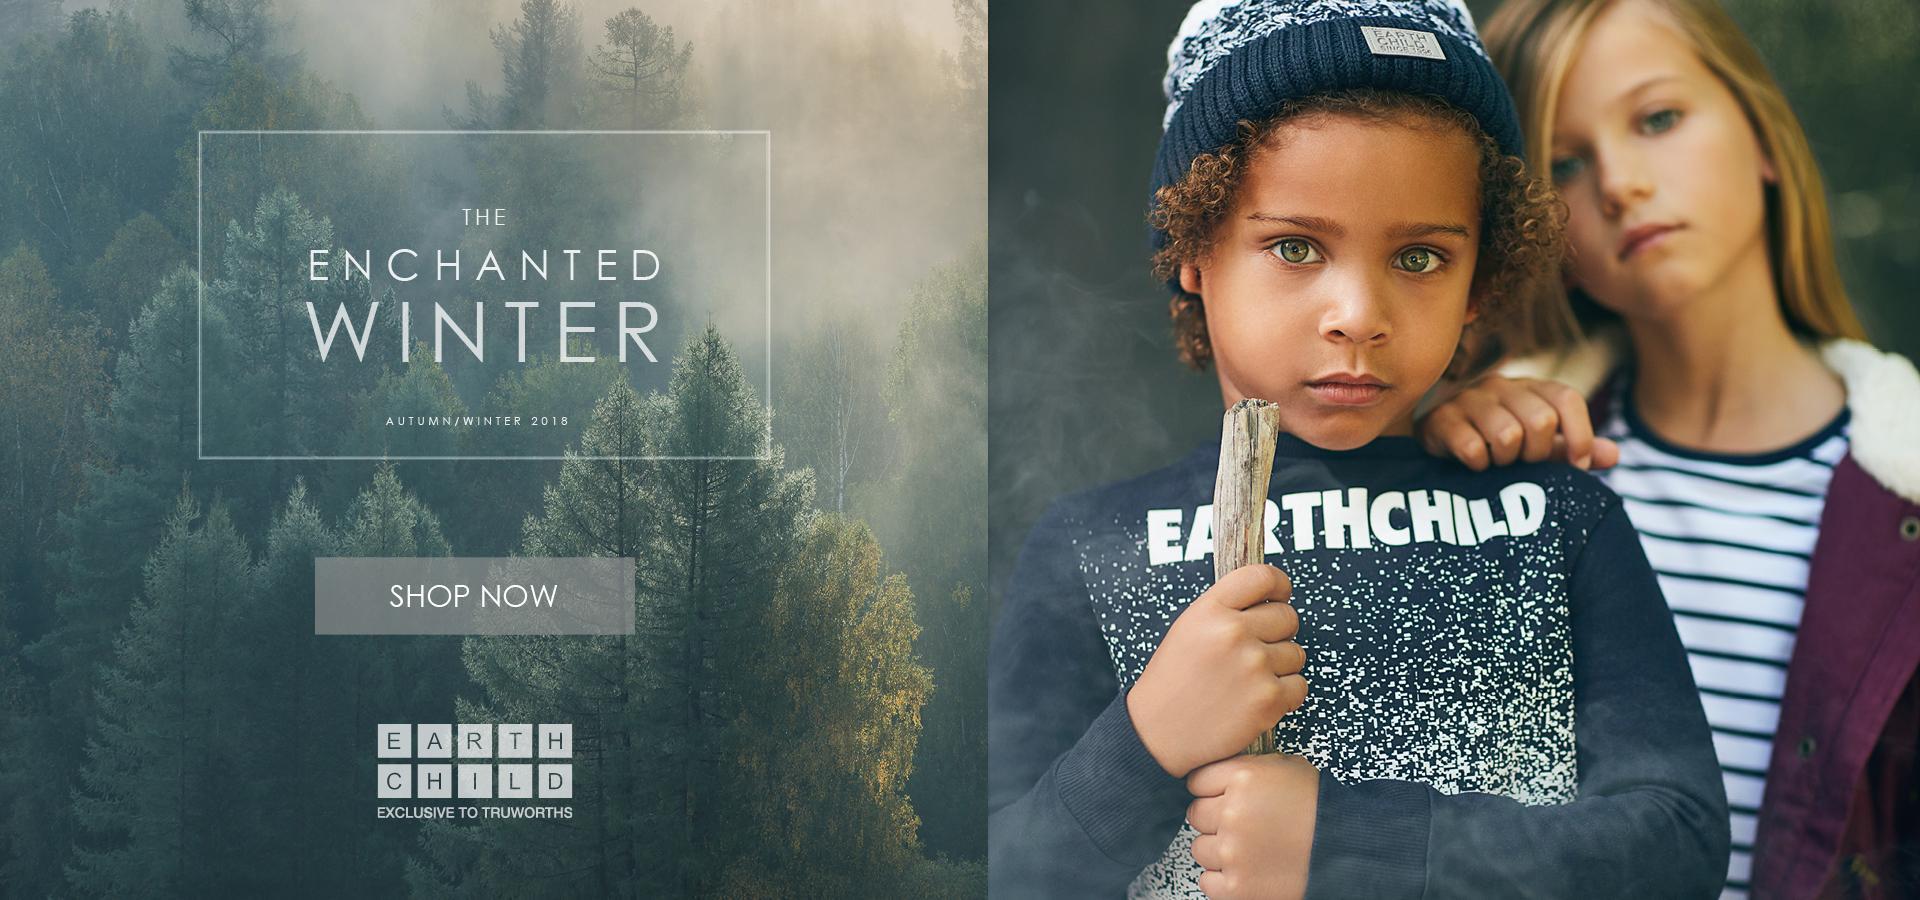 Earthchild Winter Look